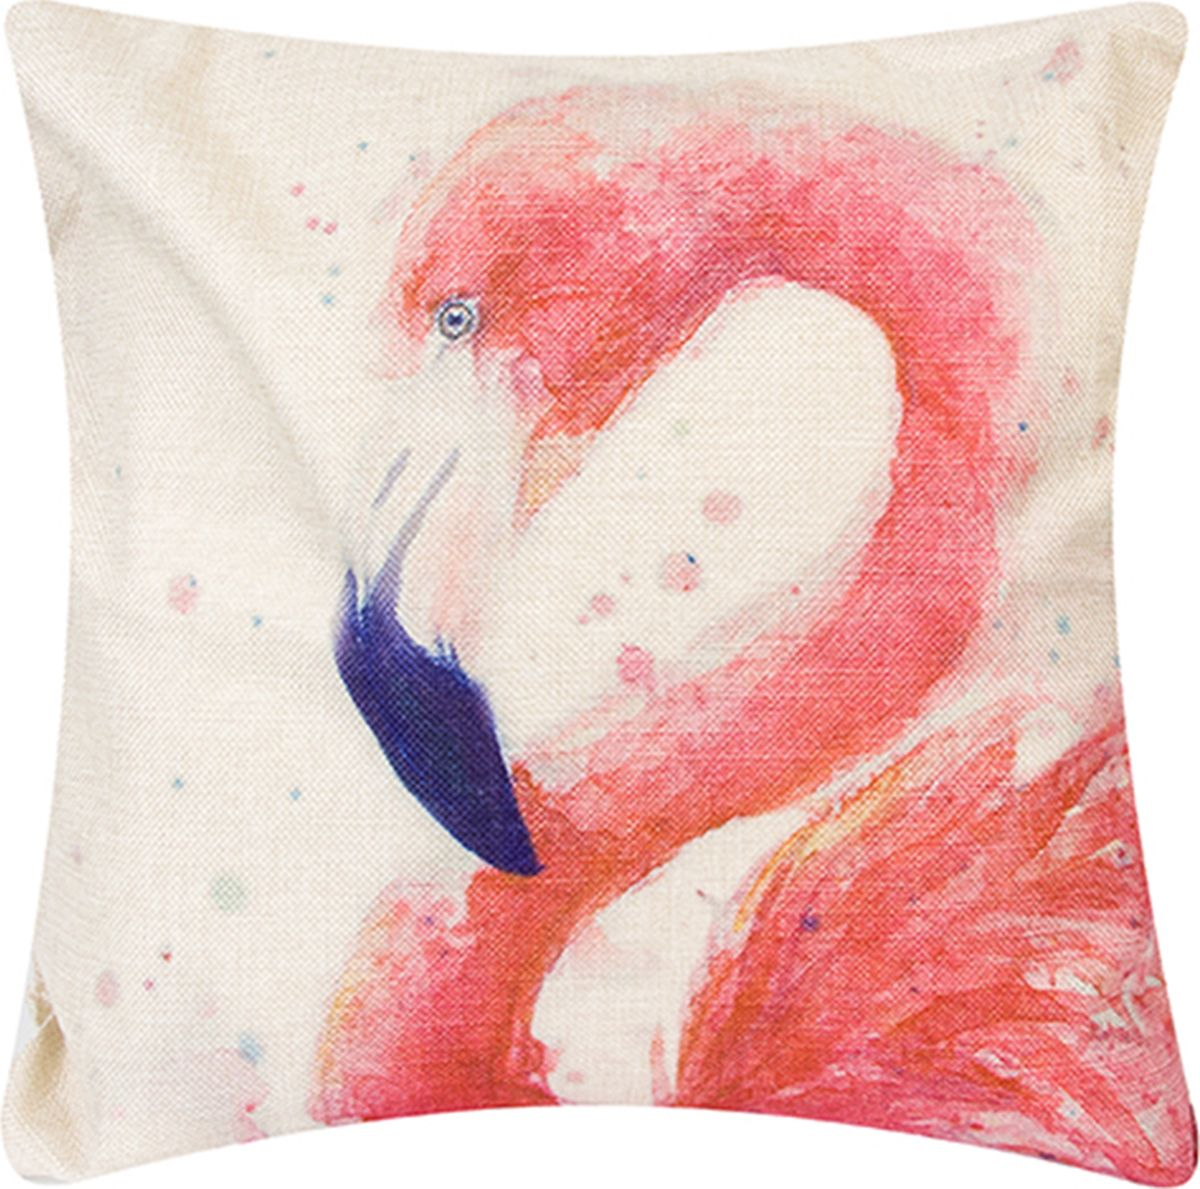 Подушка декоративная EL Casa Фламинго, цвет: розовый, 43 x 43 см171706Декоративная подушка прекрасно дополнит интерьер спальни или гостиной. Состав наволочки: лен -50%, полиэстер-50%. Она легко снимается, благодаря молнии. Внутри подушки находится мягкий наполнитель.